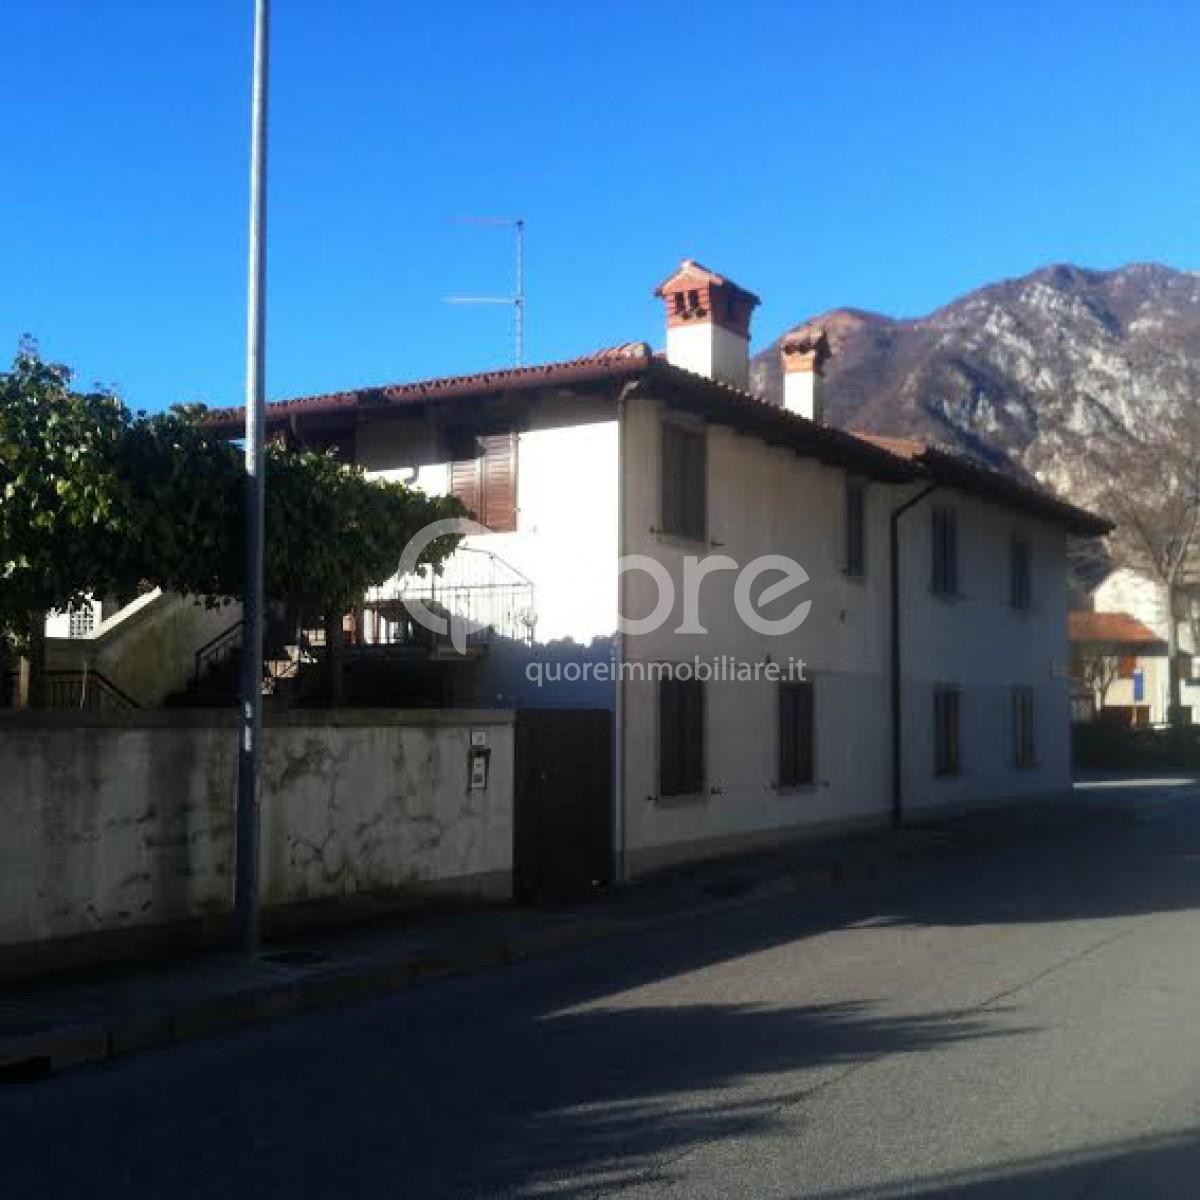 Soluzione Indipendente in vendita a Gemona del Friuli, 6 locali, zona Zona: Ospedaletto, prezzo € 108.000 | Cambio Casa.it